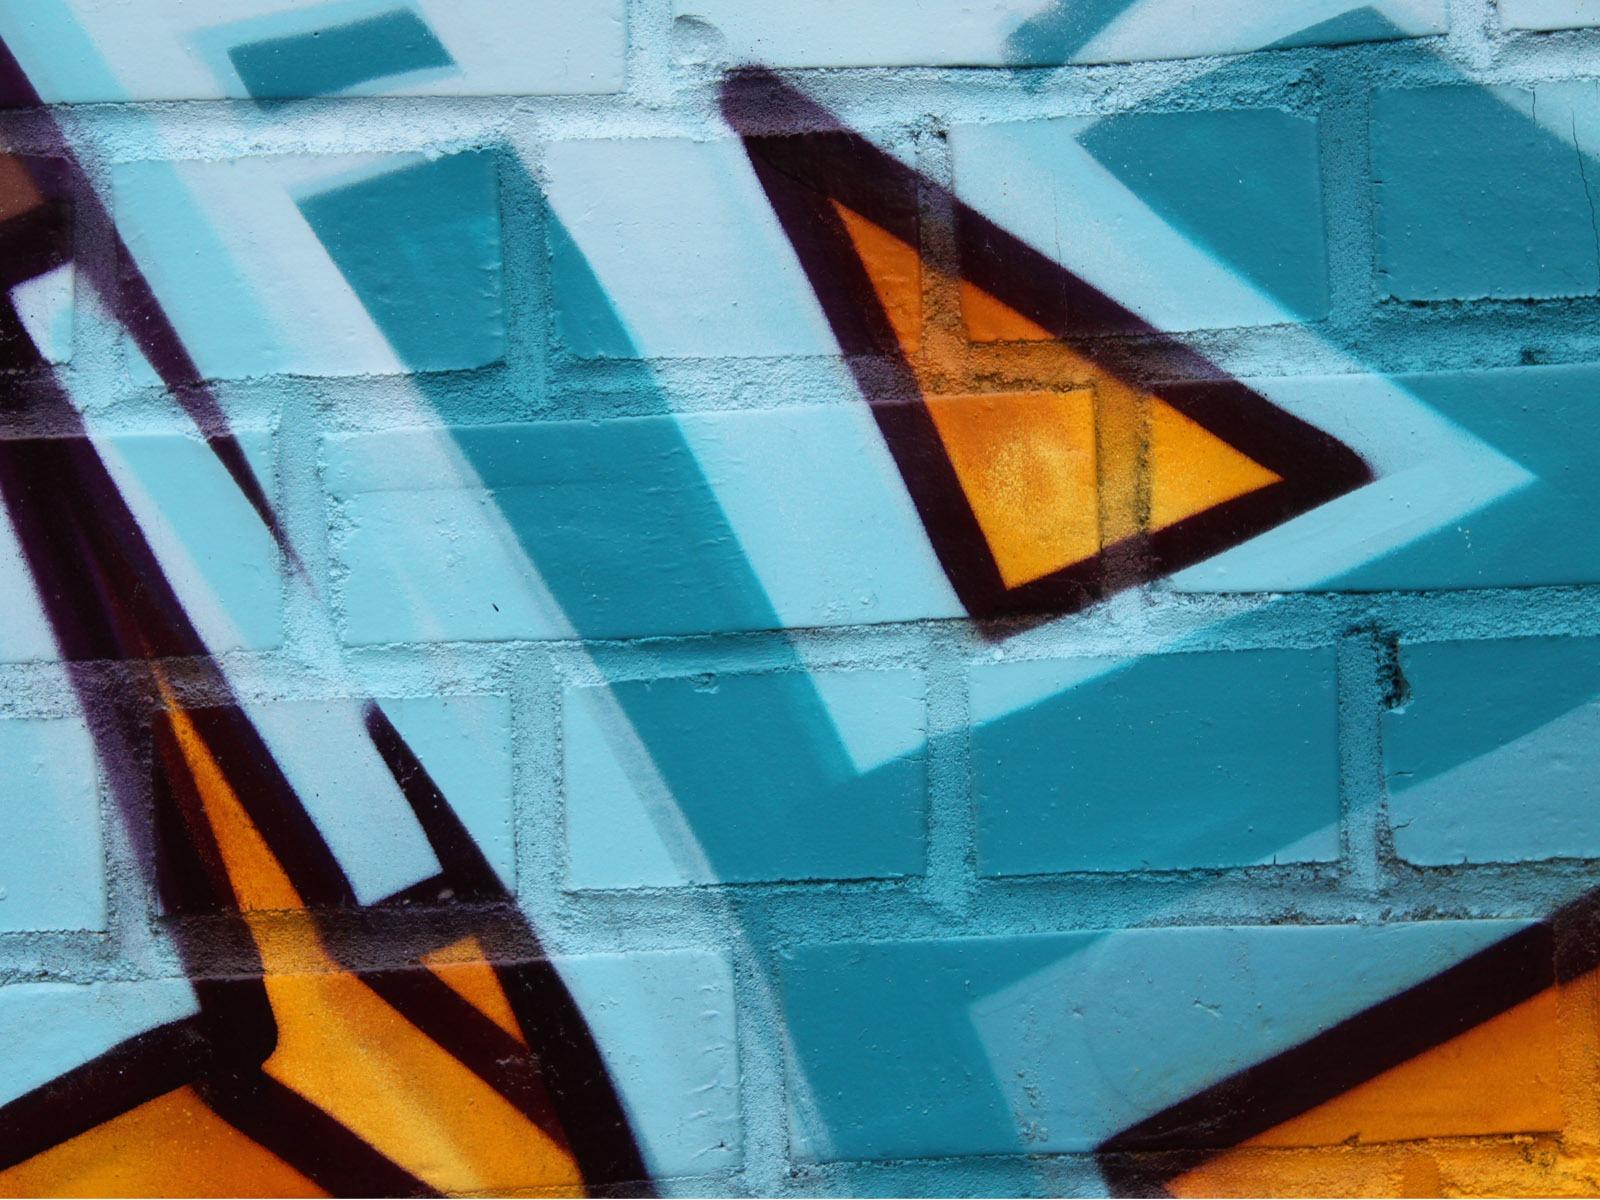 graffitiauftrag_graffitikuenstler_artmos4_opel_auto_style_detail